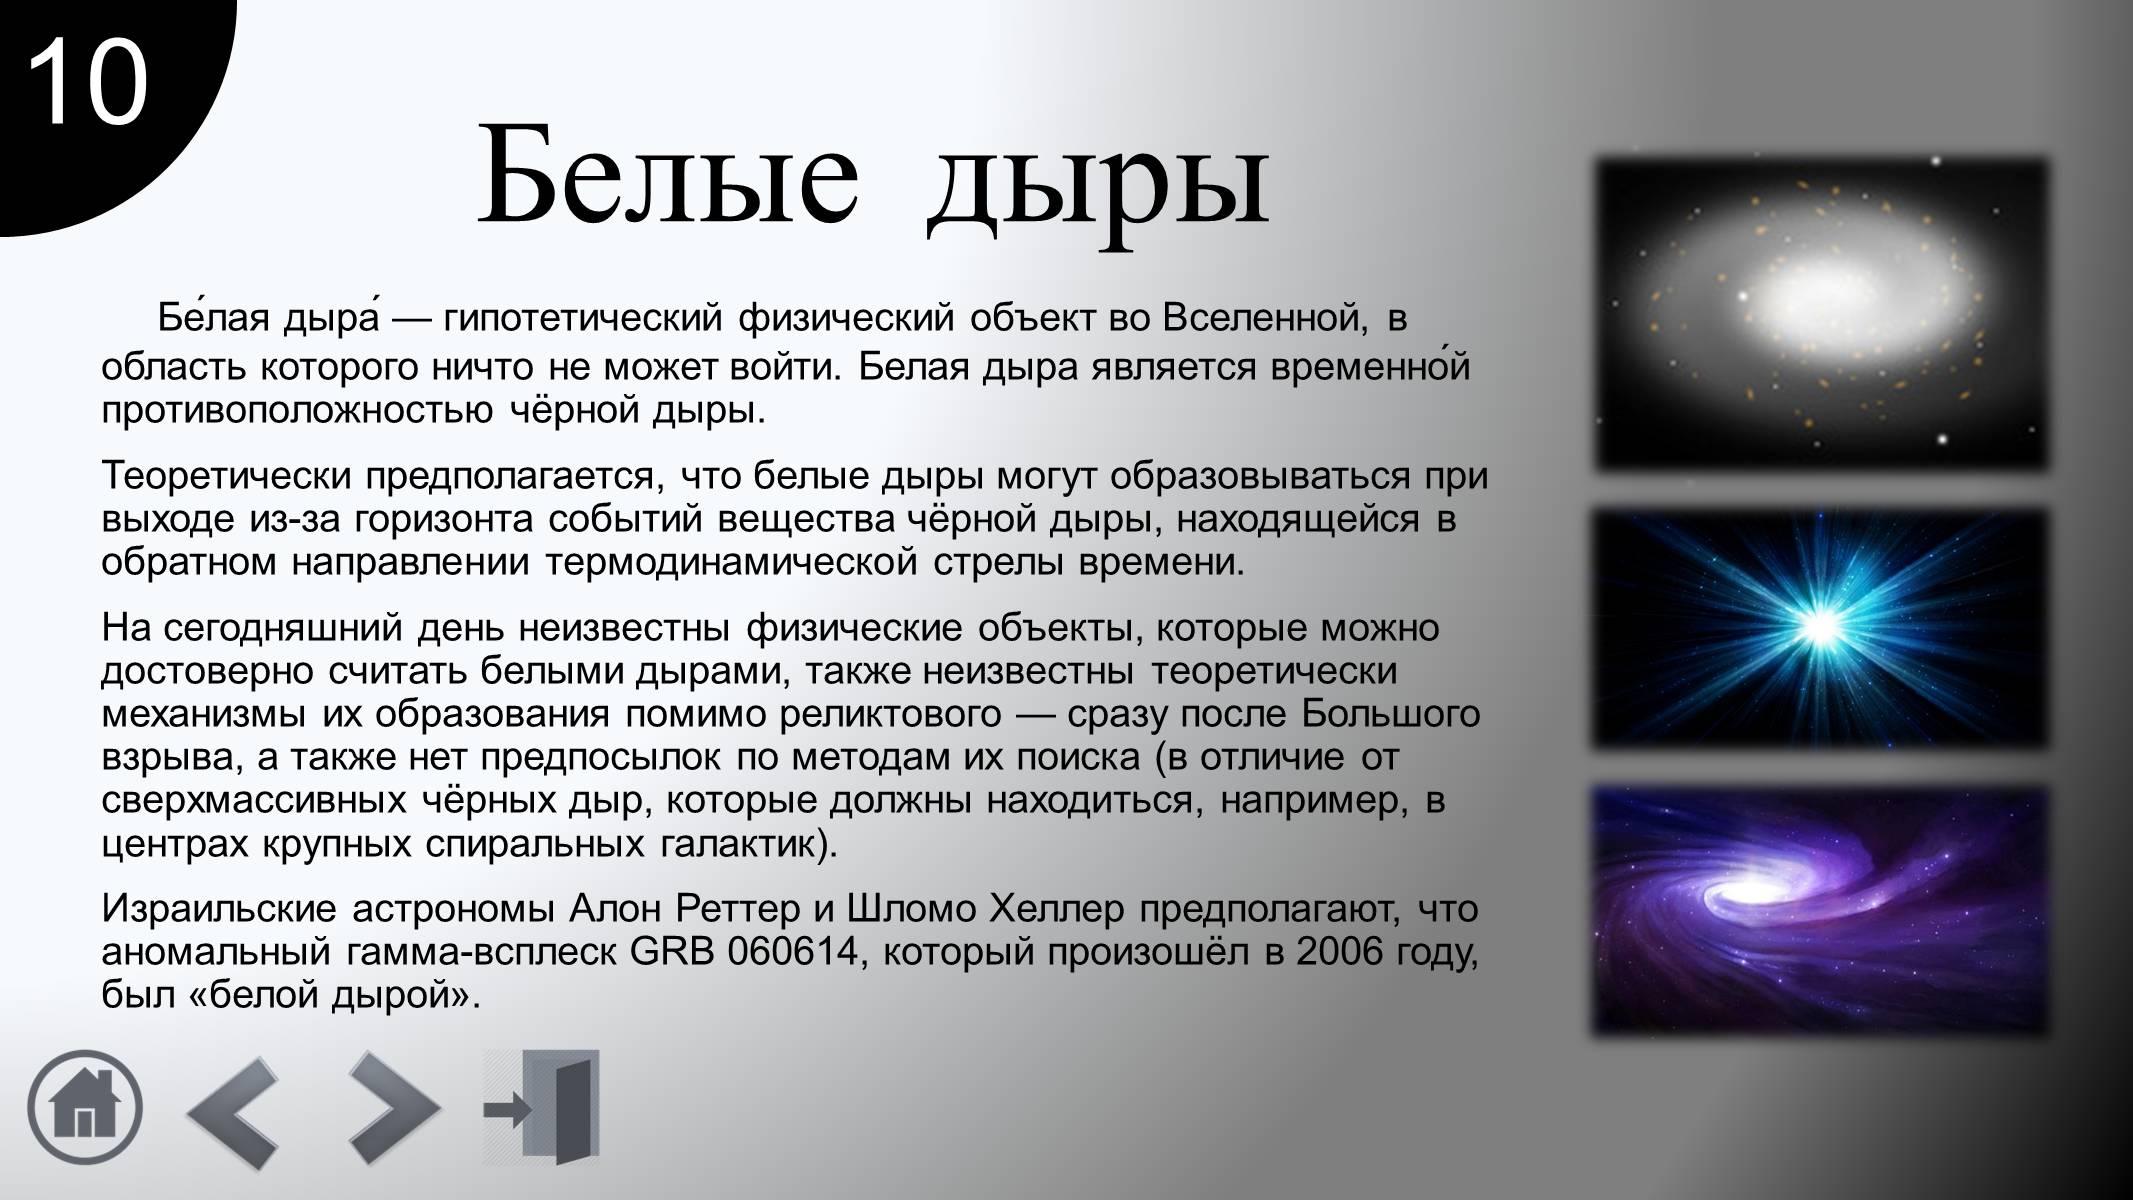 Научно-производственное предприятие «пульсар» — википедия. что такое научно-производственное предприятие «пульсар»